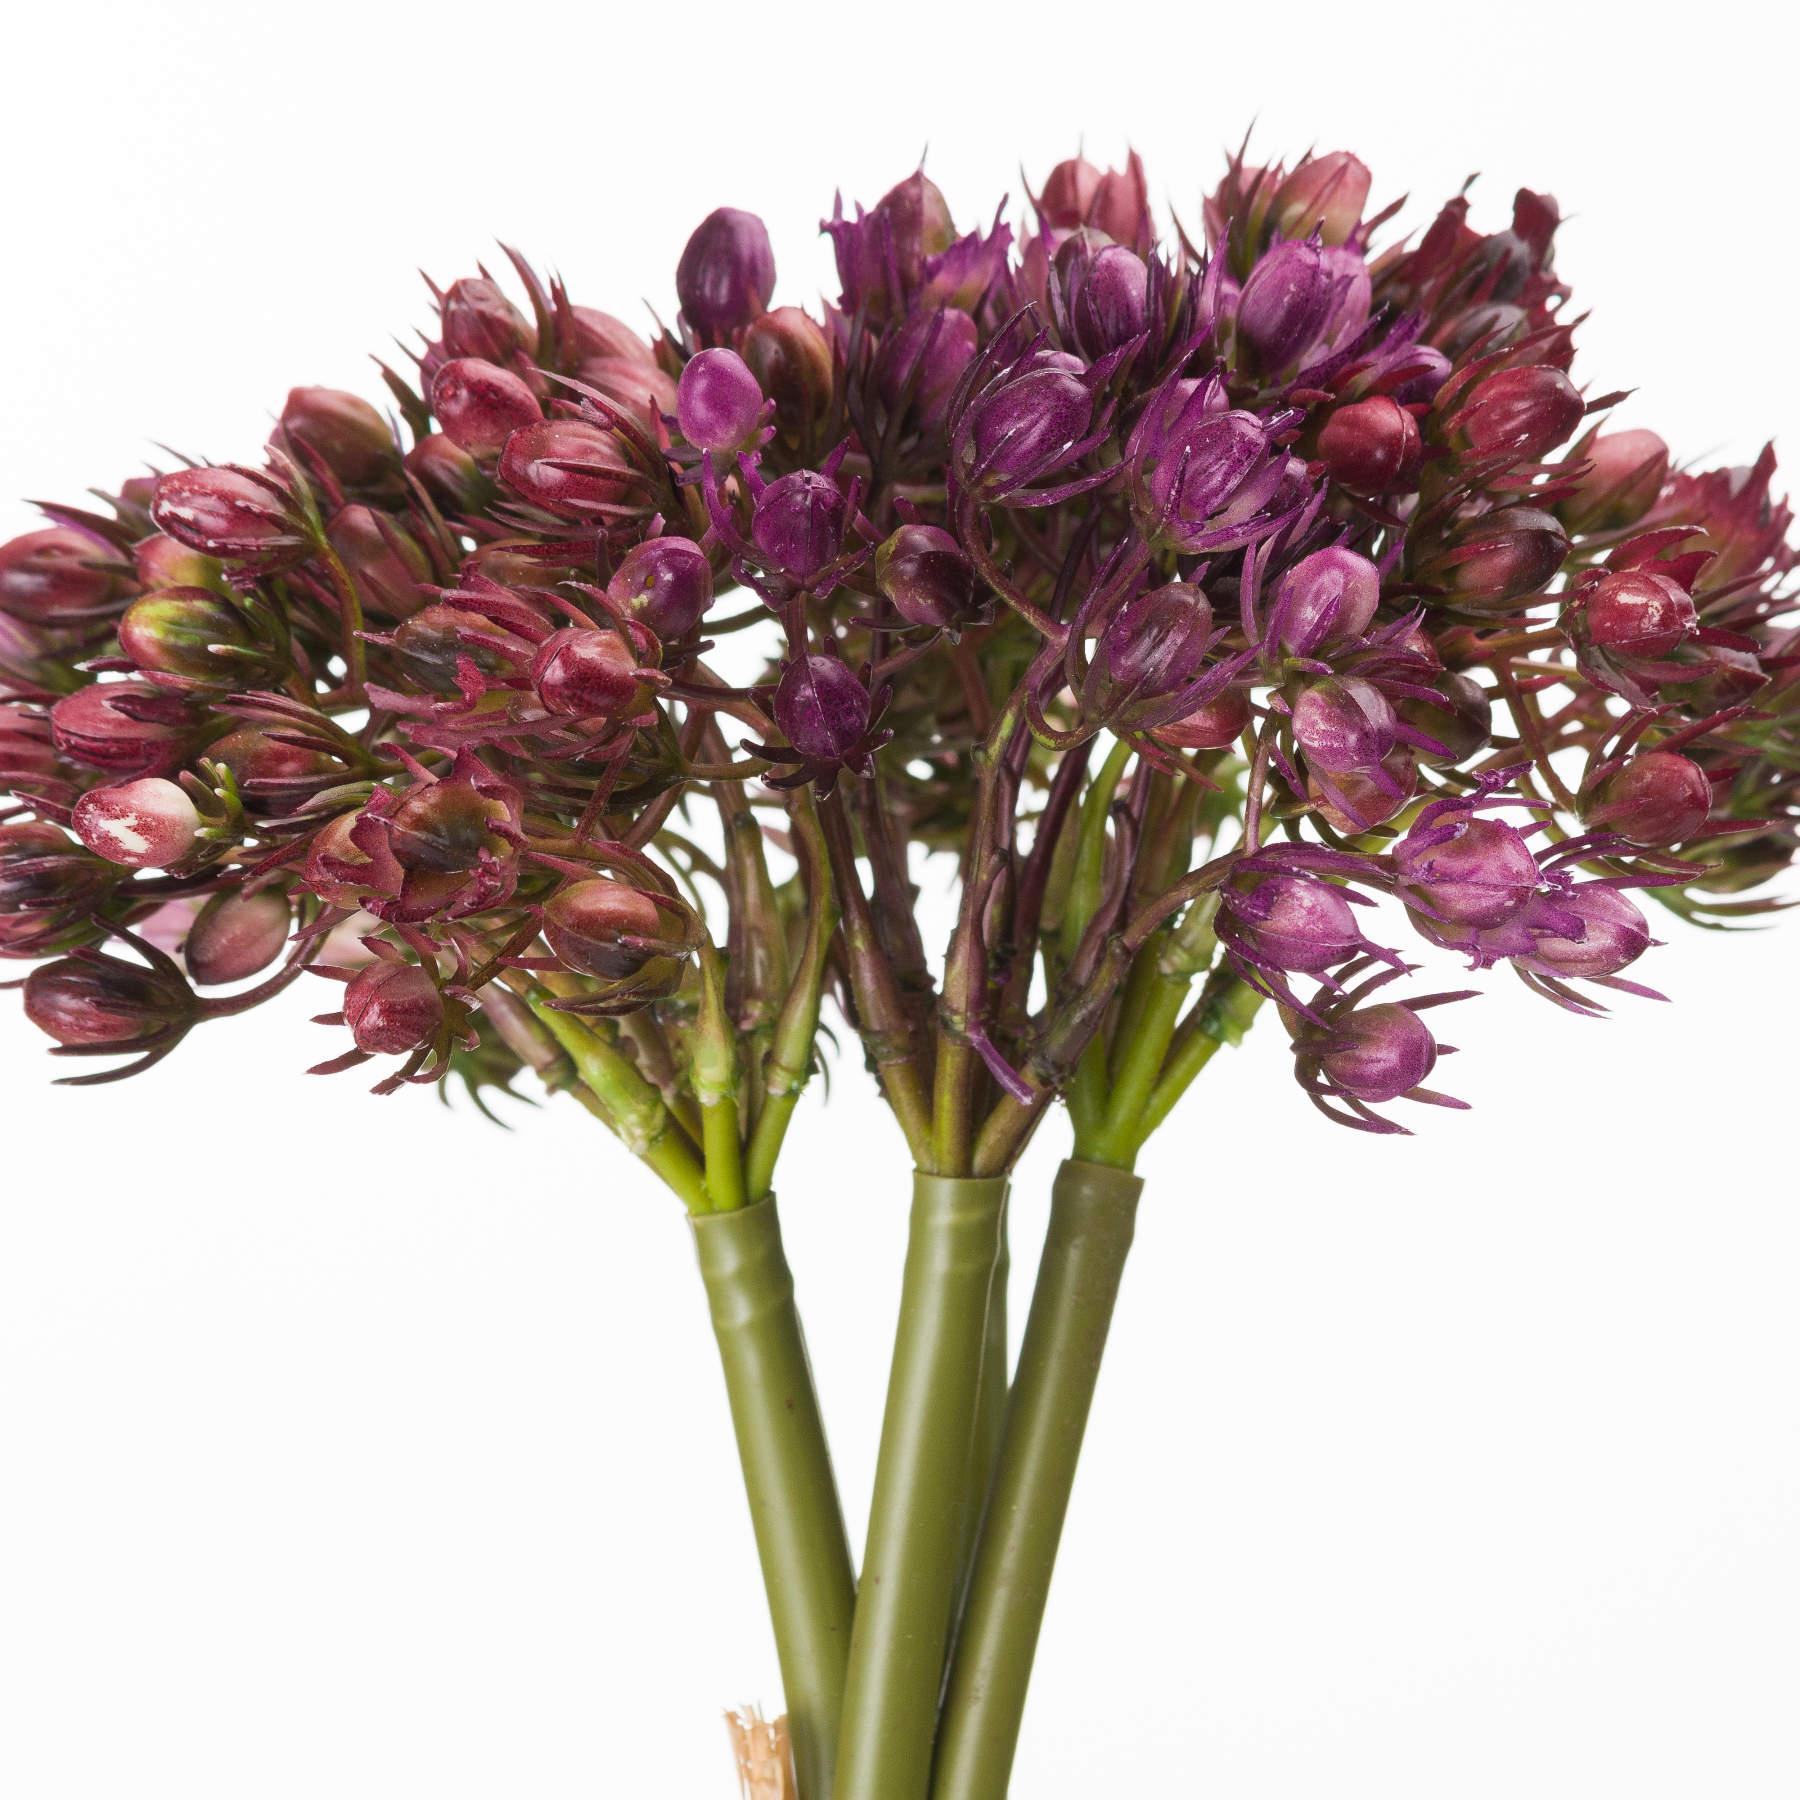 Berry Bouquet - Image 5